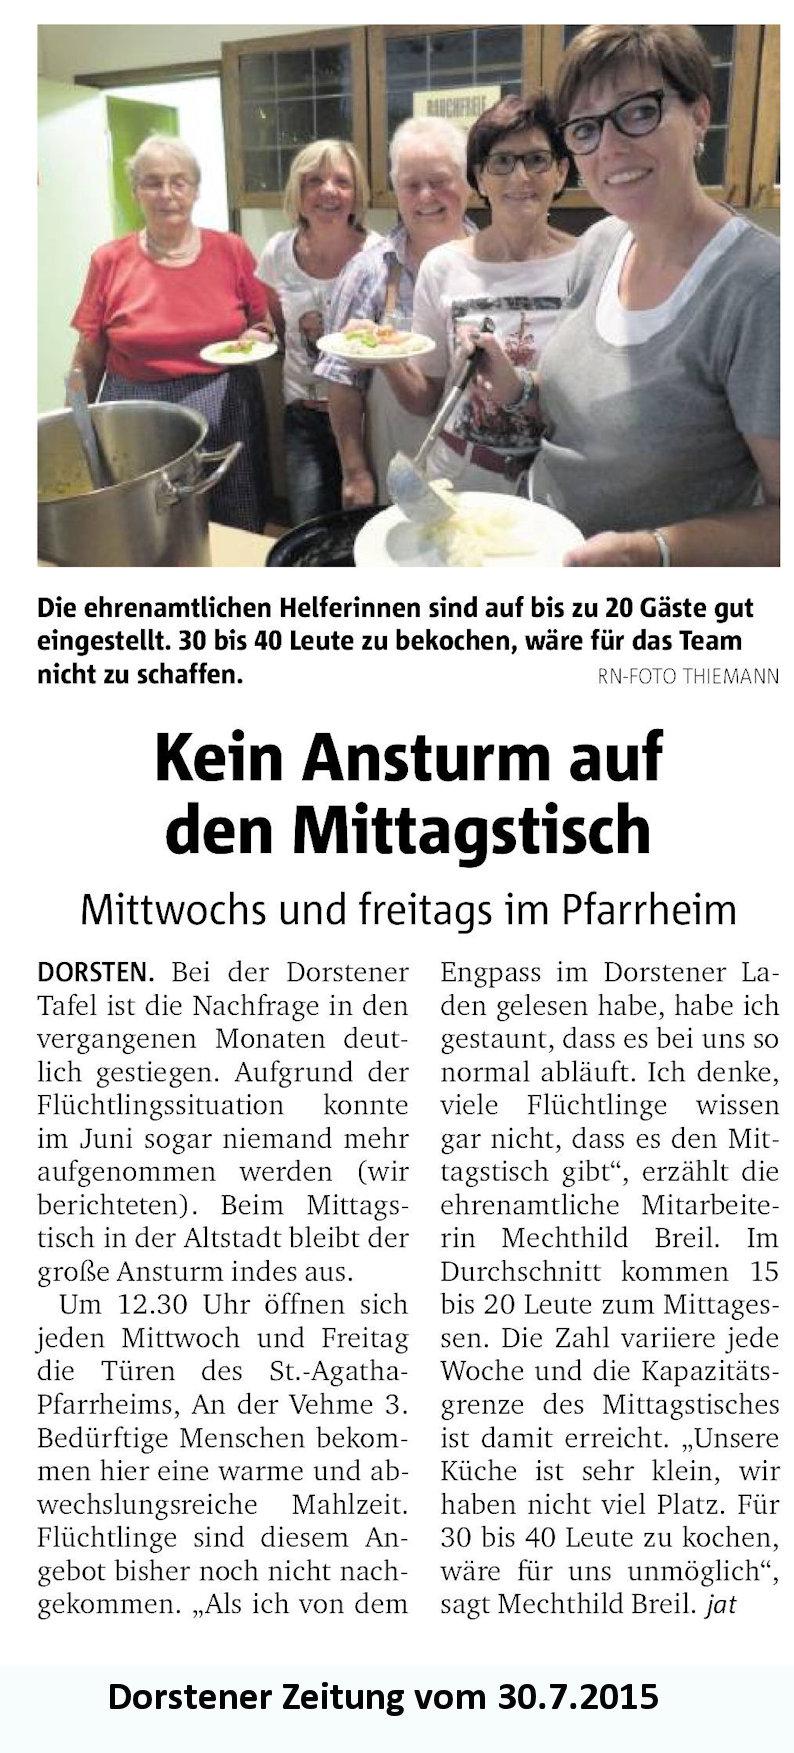 2015-07-30-Mittagstisch-Altstadt-DN